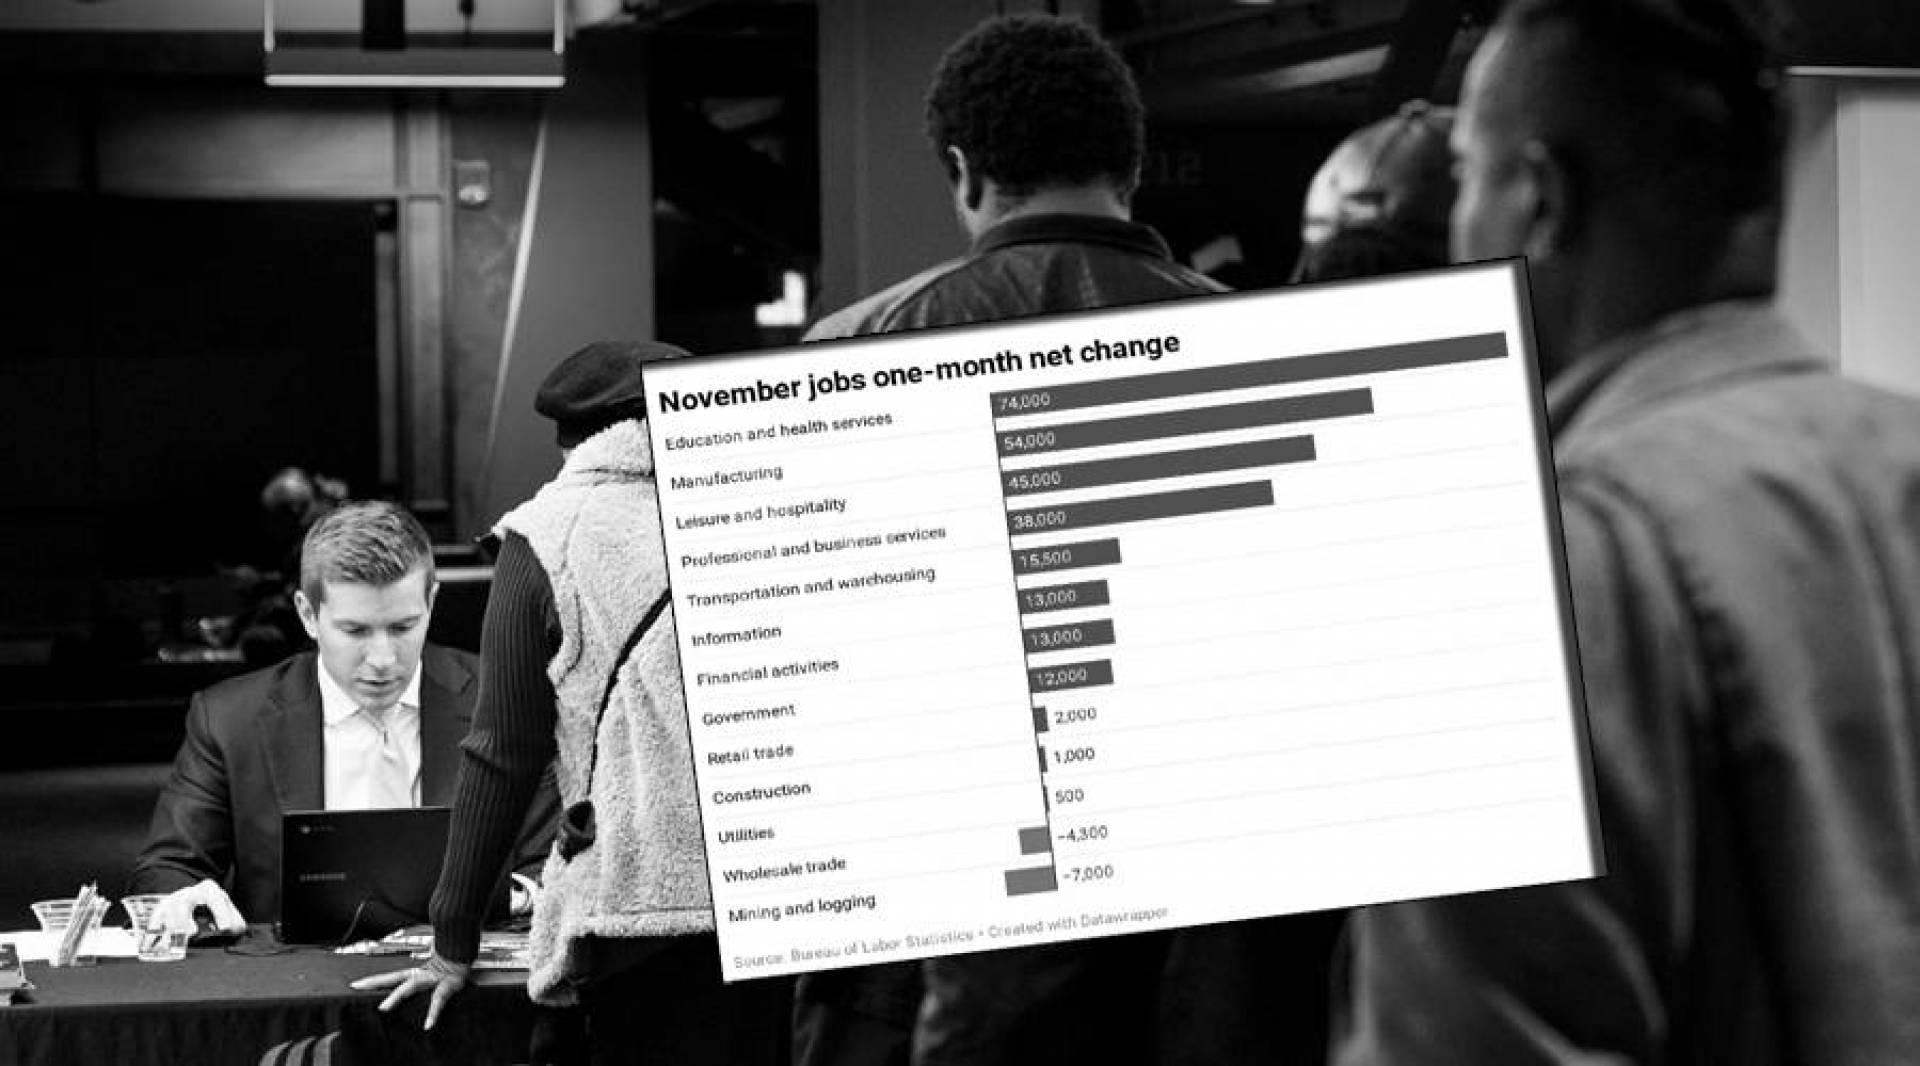 الواقع يكذب توقعات المحللين.. بشأن اقتصاد أميركا